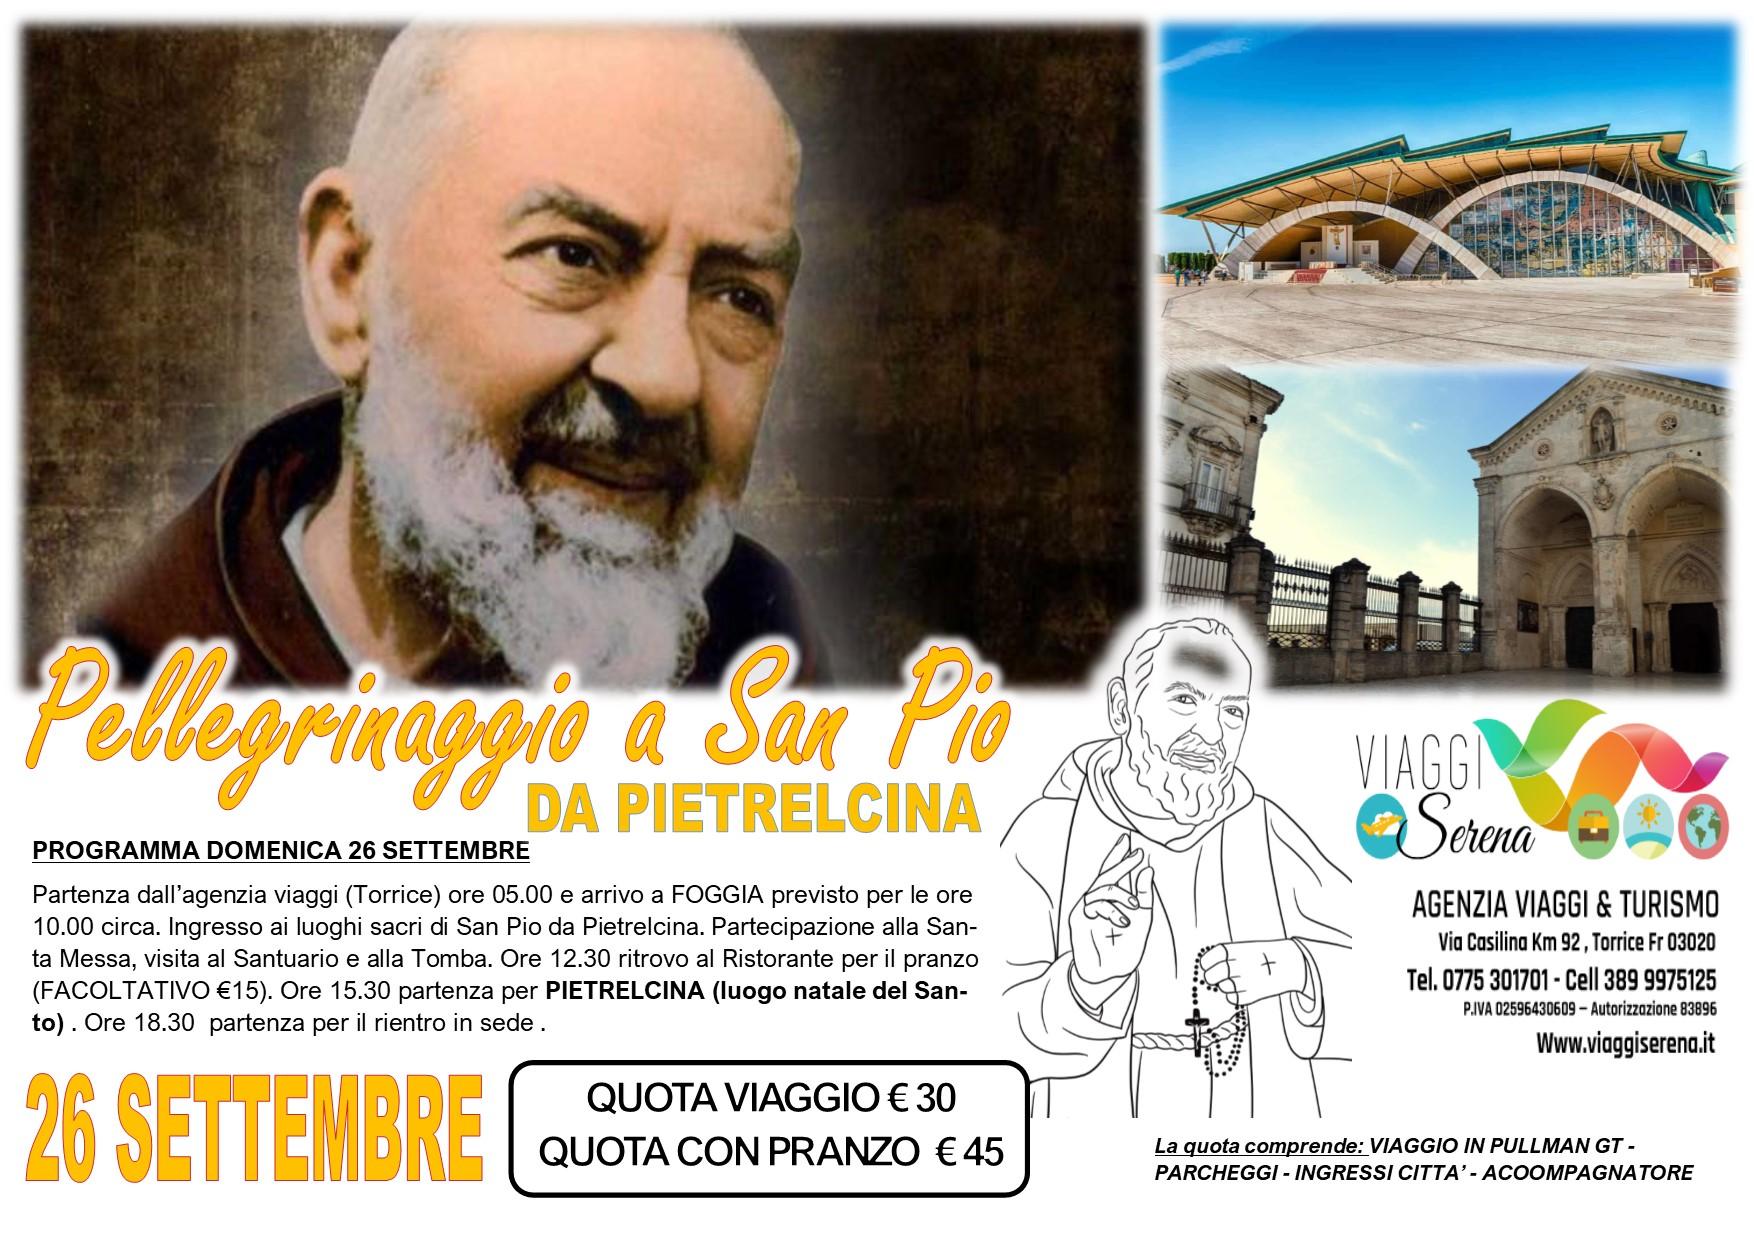 Viaggi di Gruppo: Pellegrinaggio SAN PIO da Pietrelcina 26 Settembre € 30,00